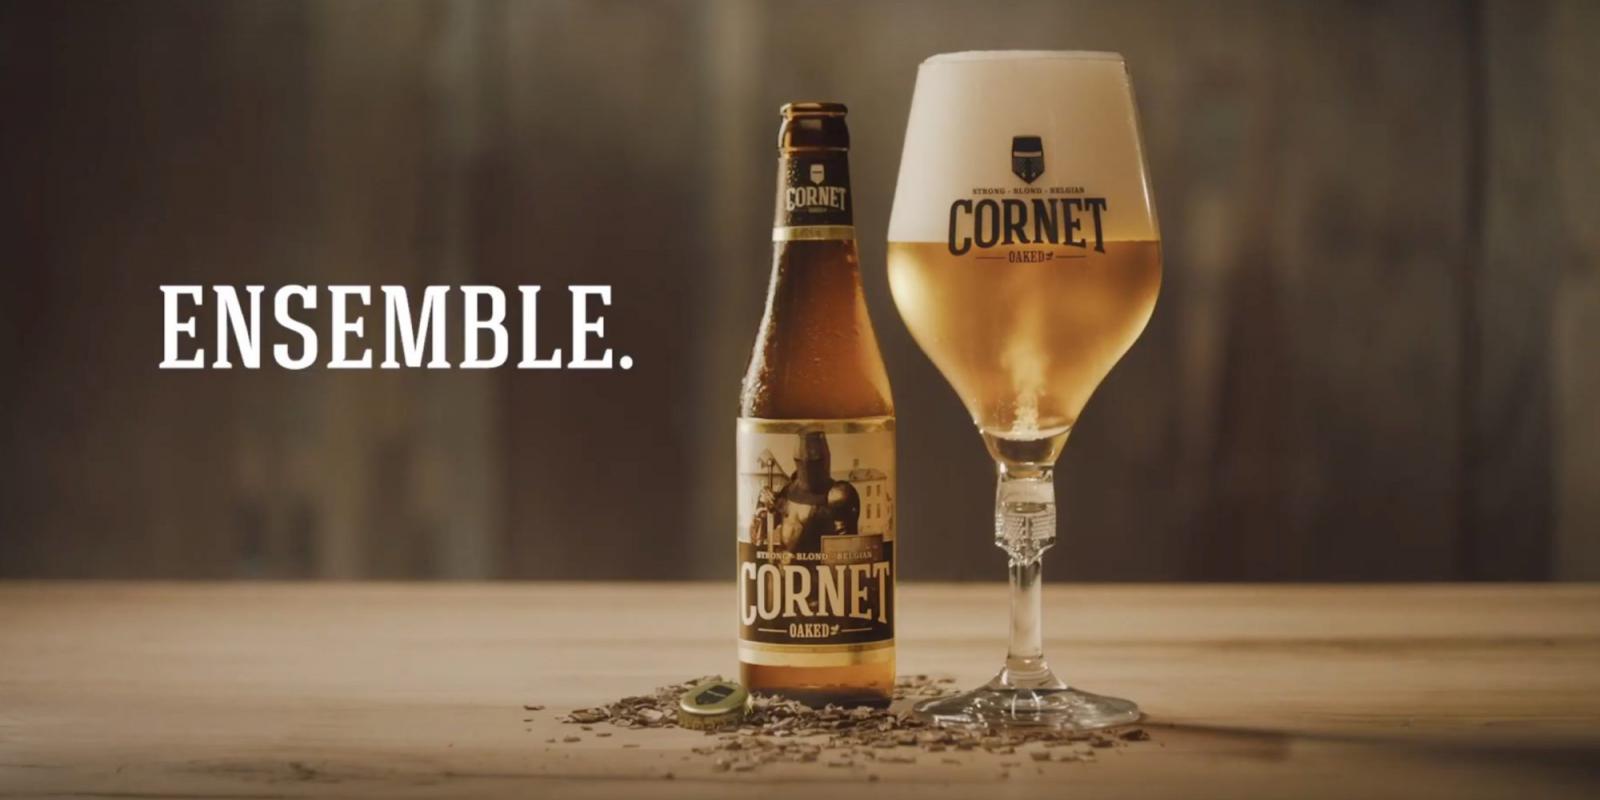 Image décrivant le produit Cornet qui fait partie des Bières Bouteilles